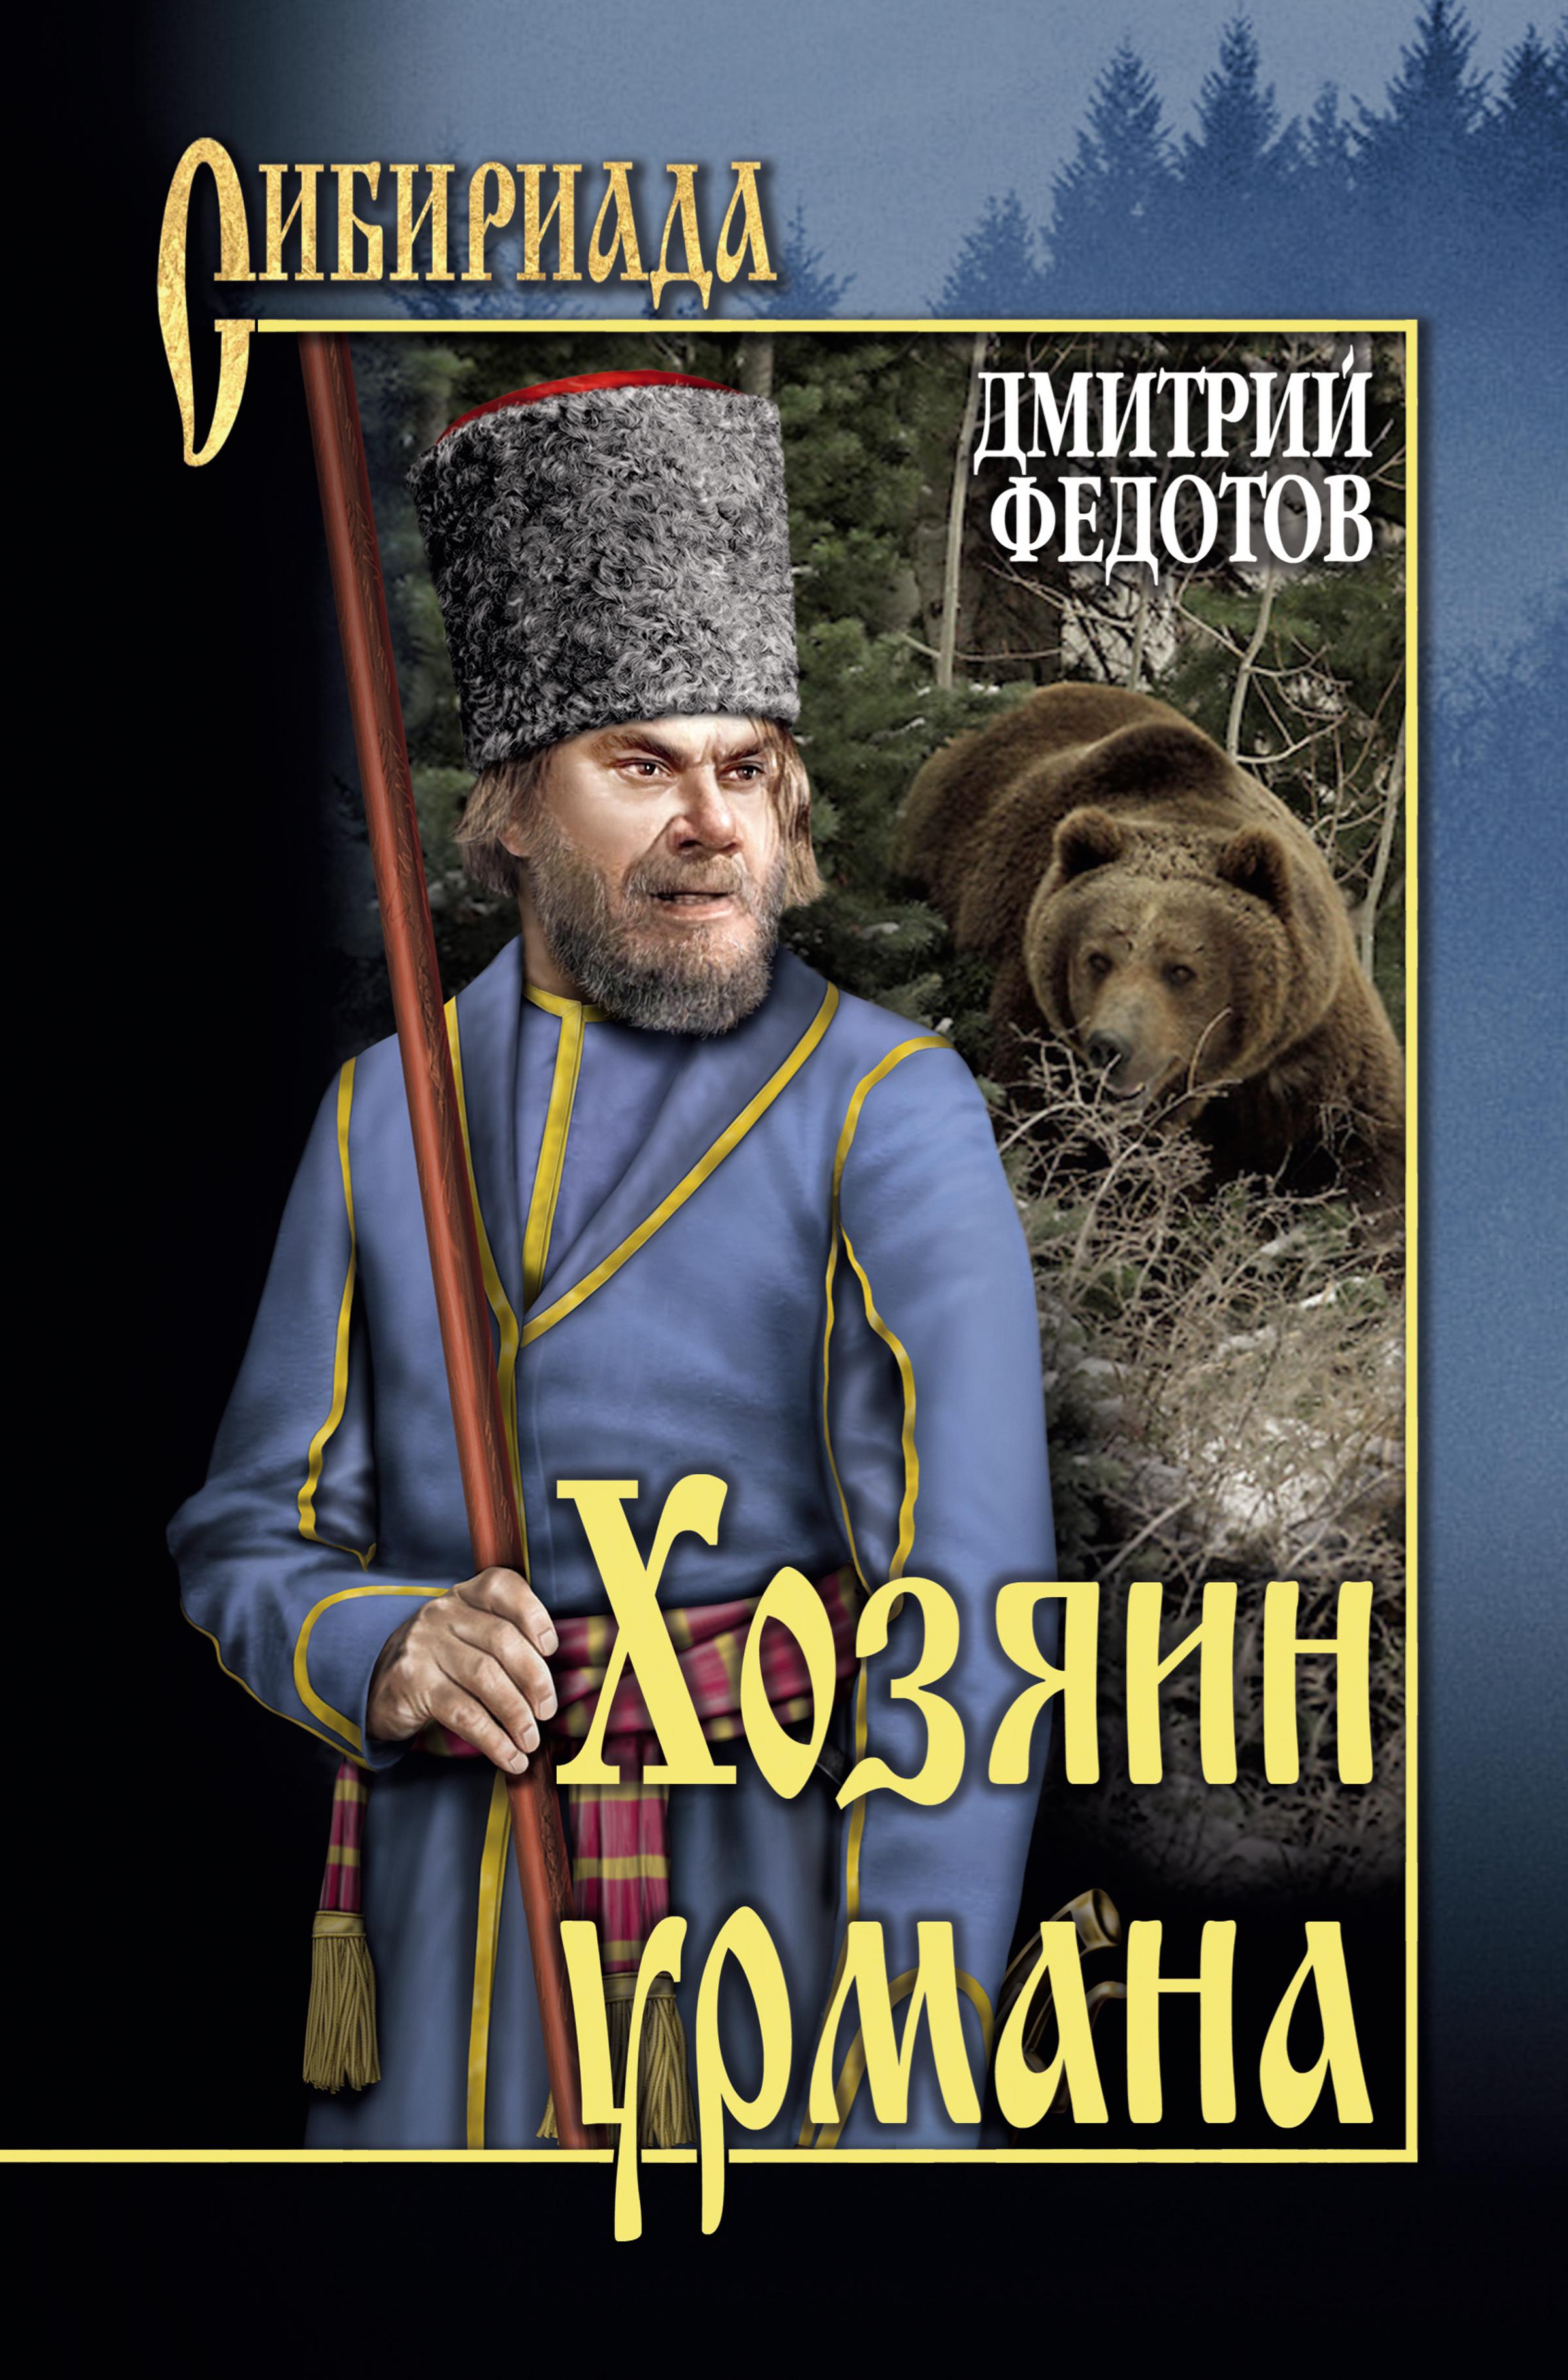 Дмитрий Федотов Хозяин урмана (сборник) лев триб триста лет спустя искушение иллюзией сборник